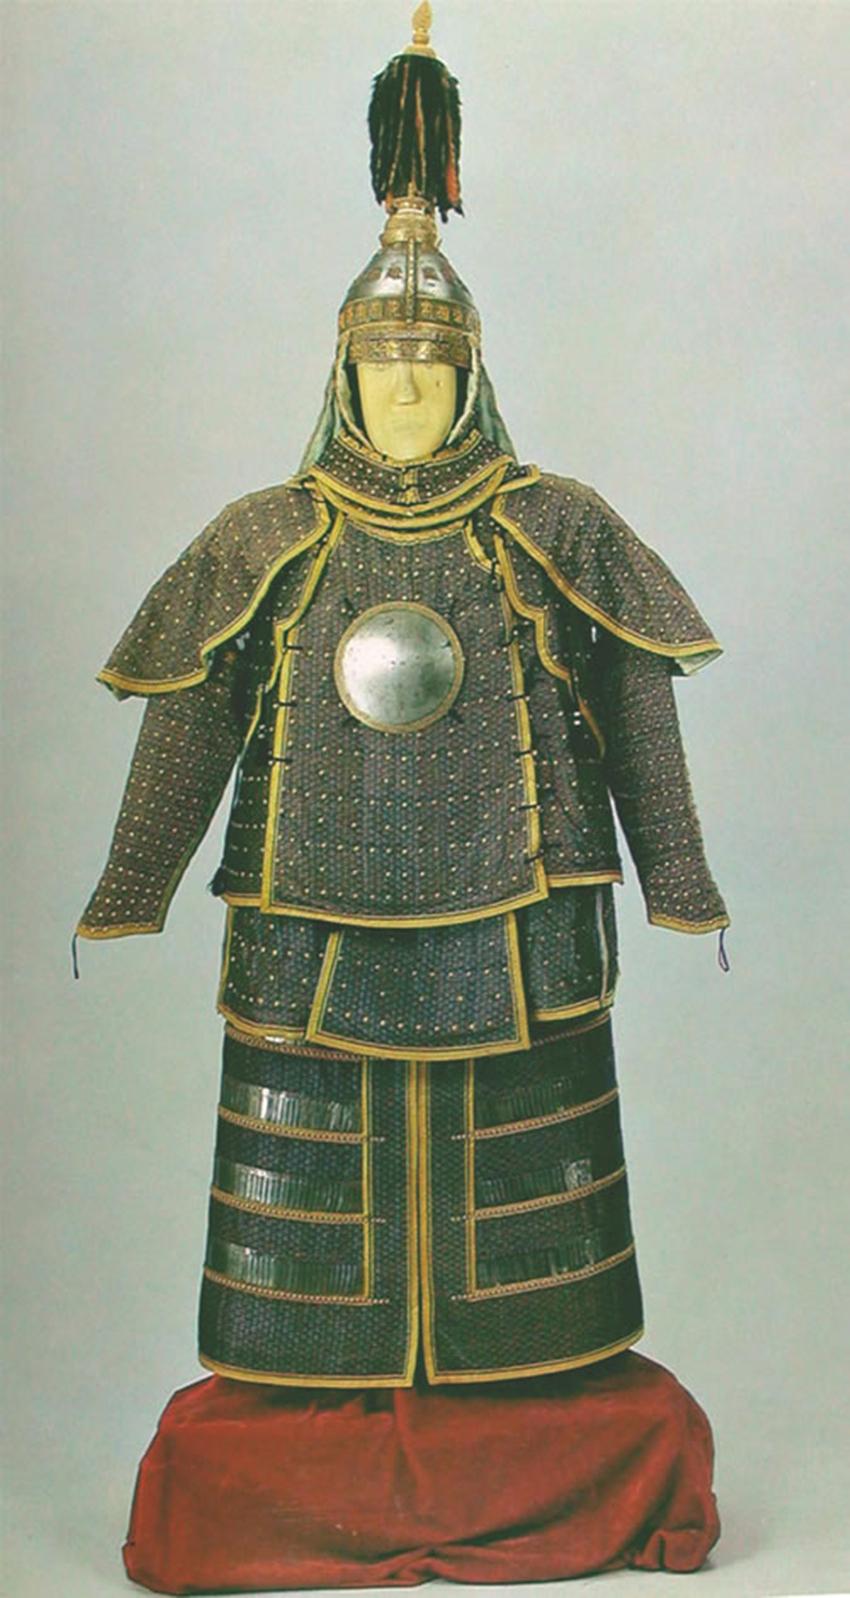 乾隆四大黄金盔甲:一件衬钢片刀枪不入,一件耗时四年,稀世珍品